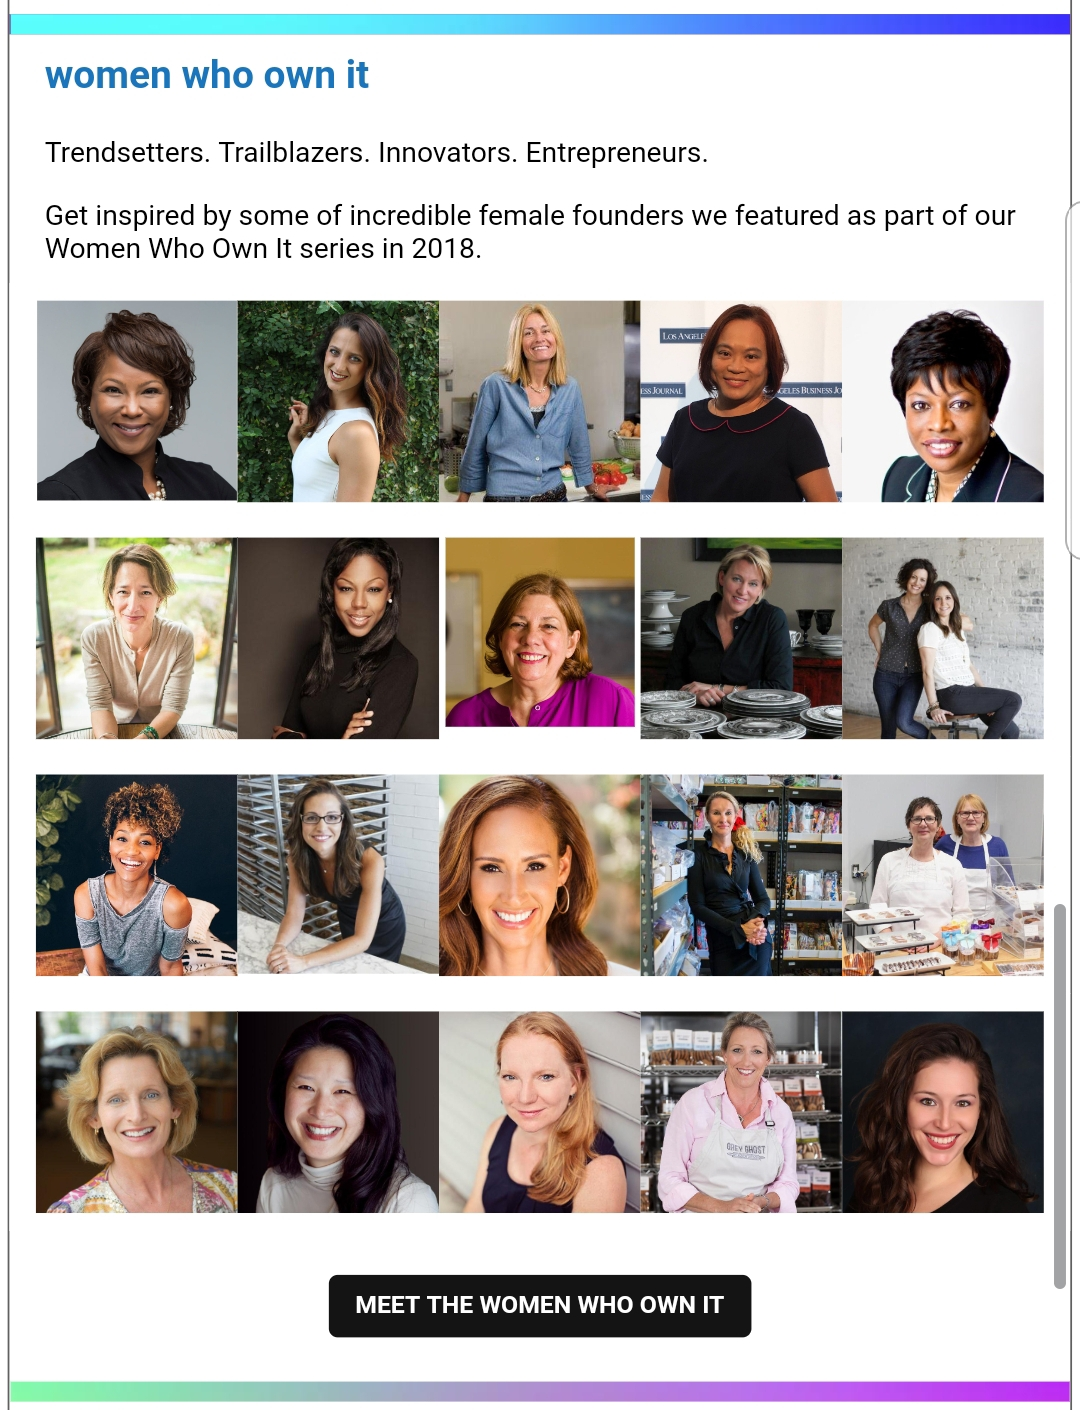 Women Who Own It 2018.jpg